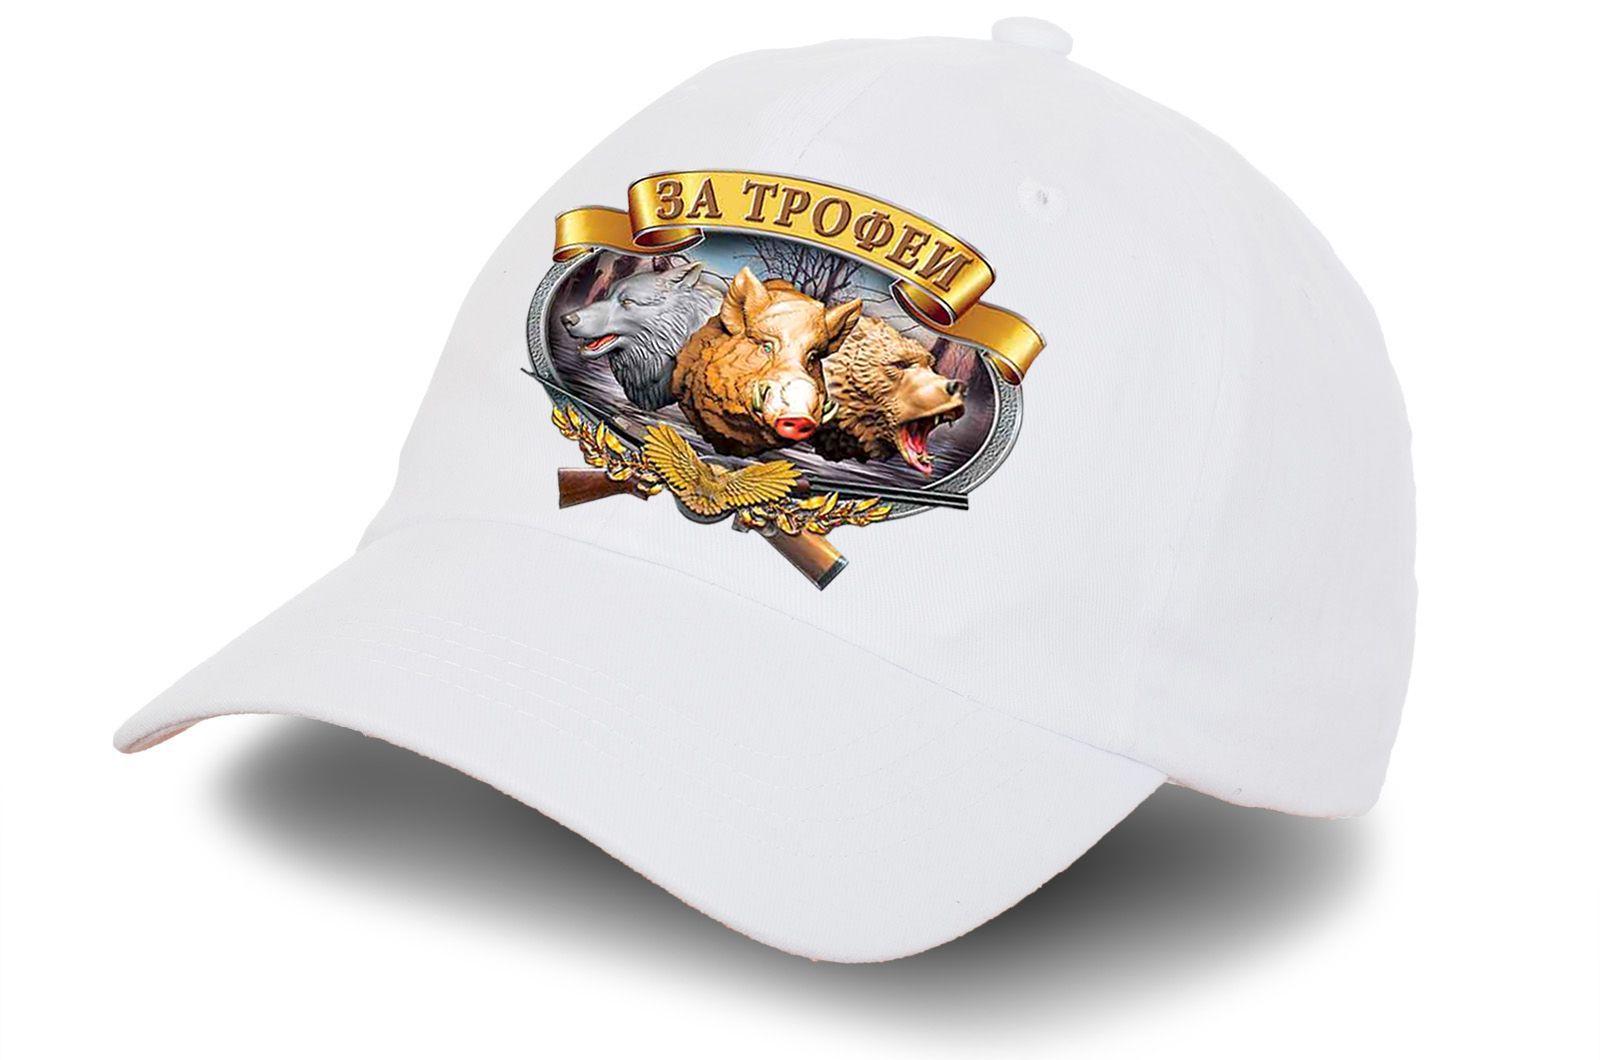 """Белая кепка """"За трофеи"""" - заказать оптом в интернет-магазине"""